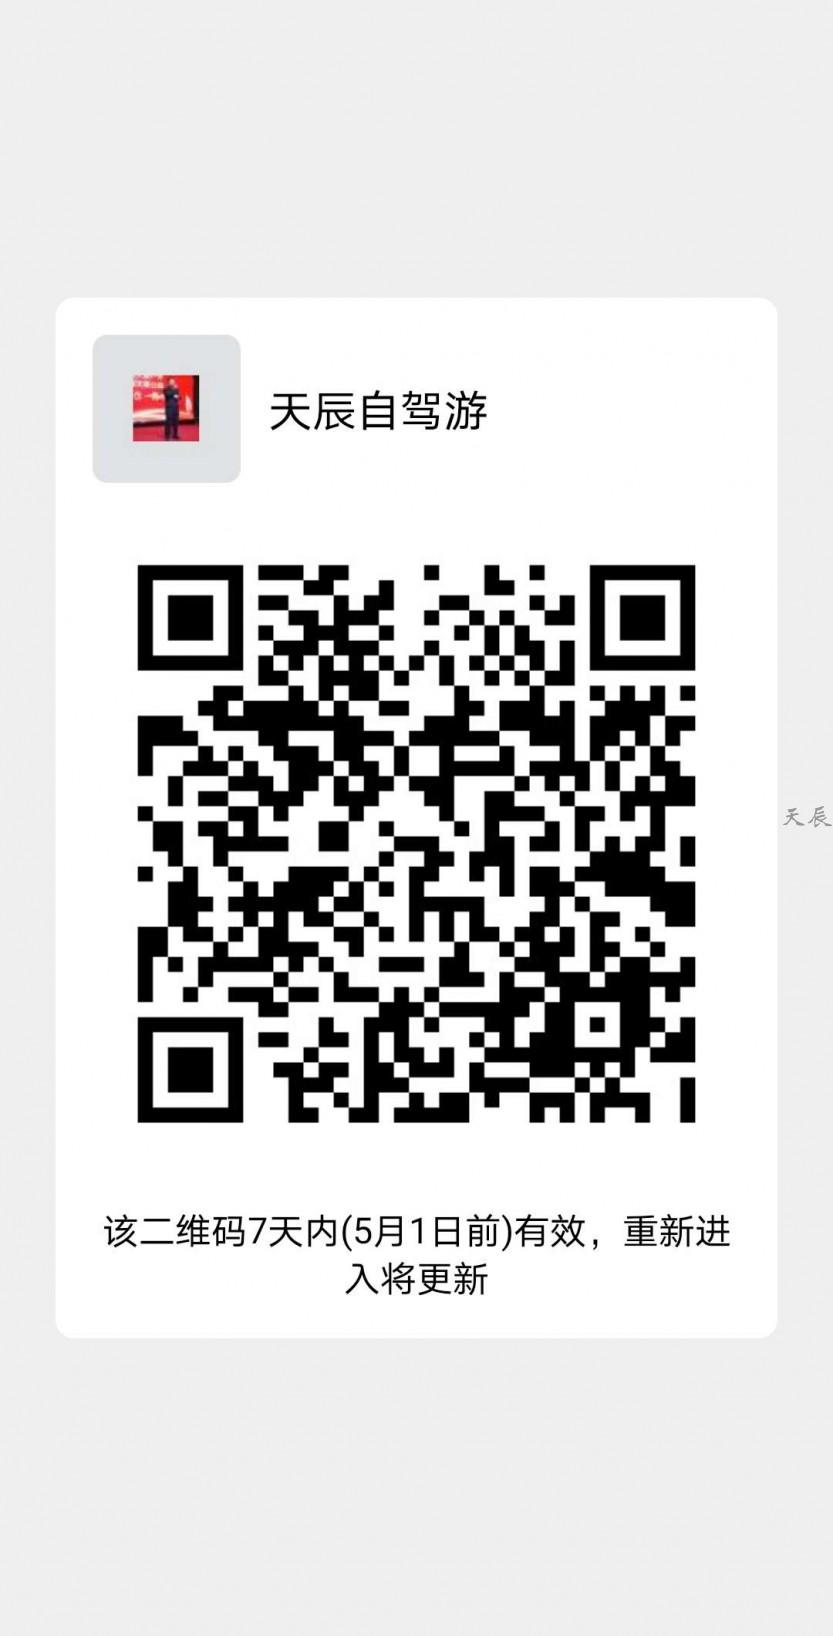 微信图片_20200424092655